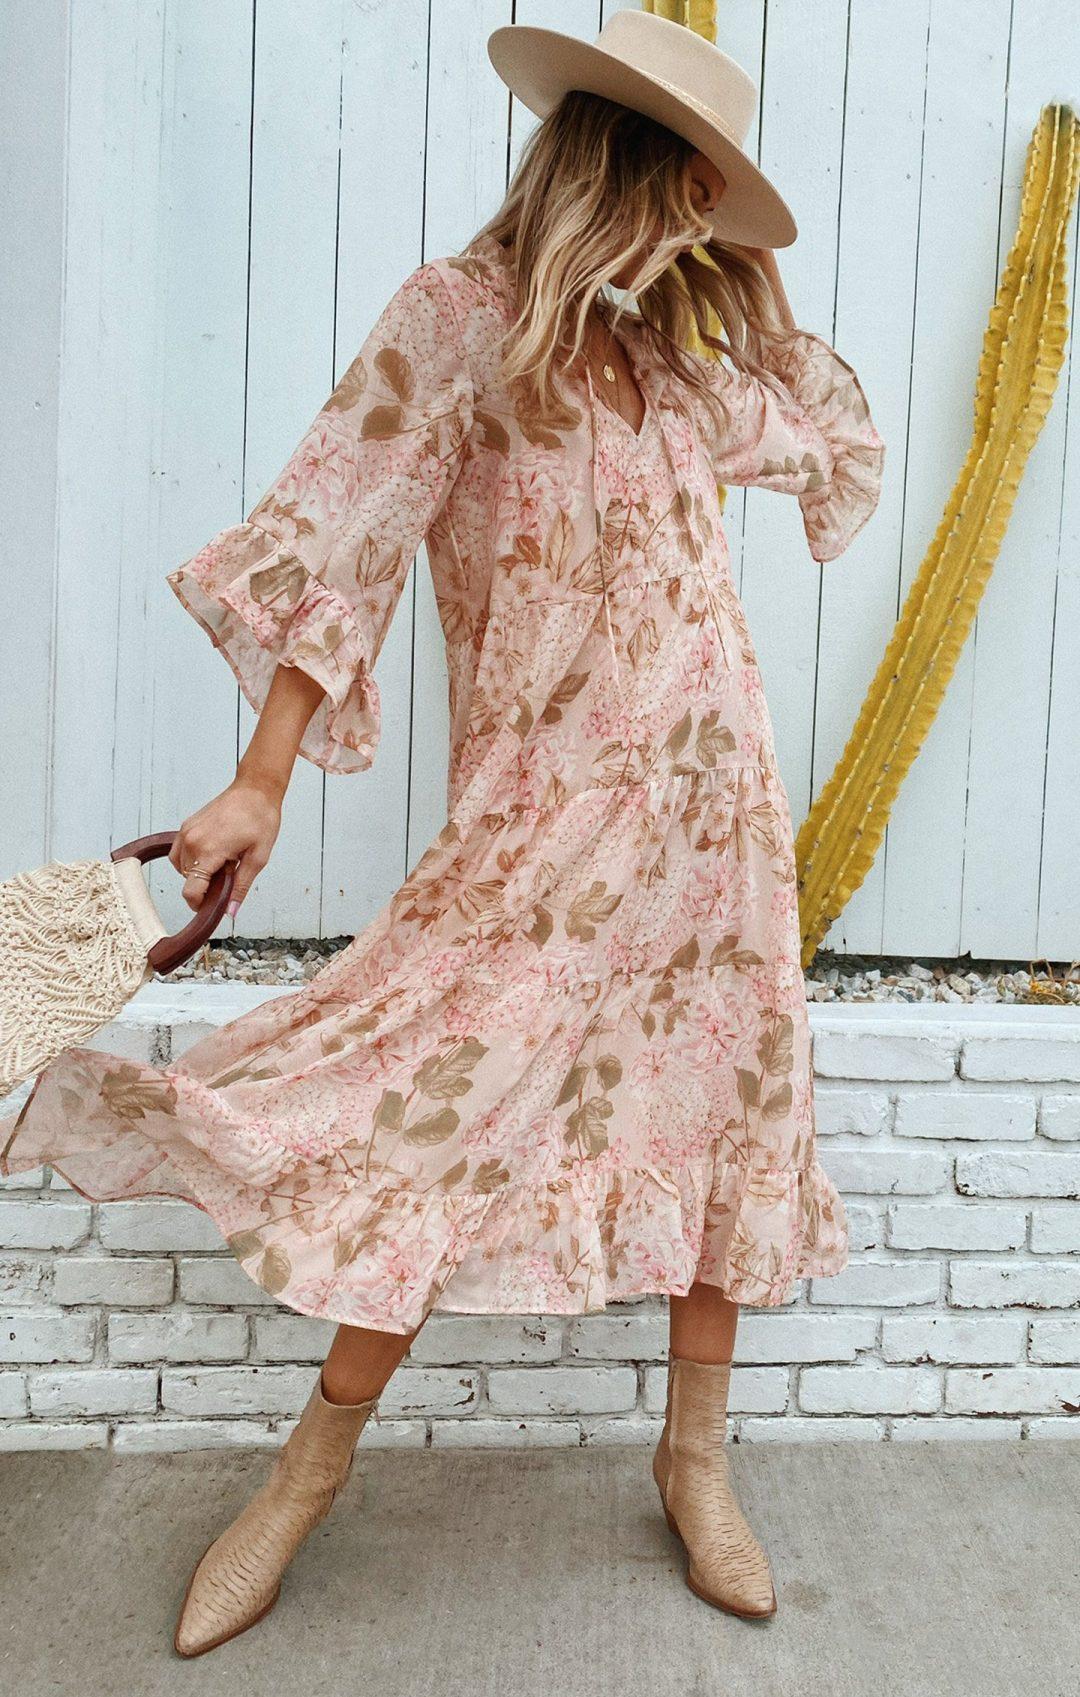 Floral cottagecore fashion